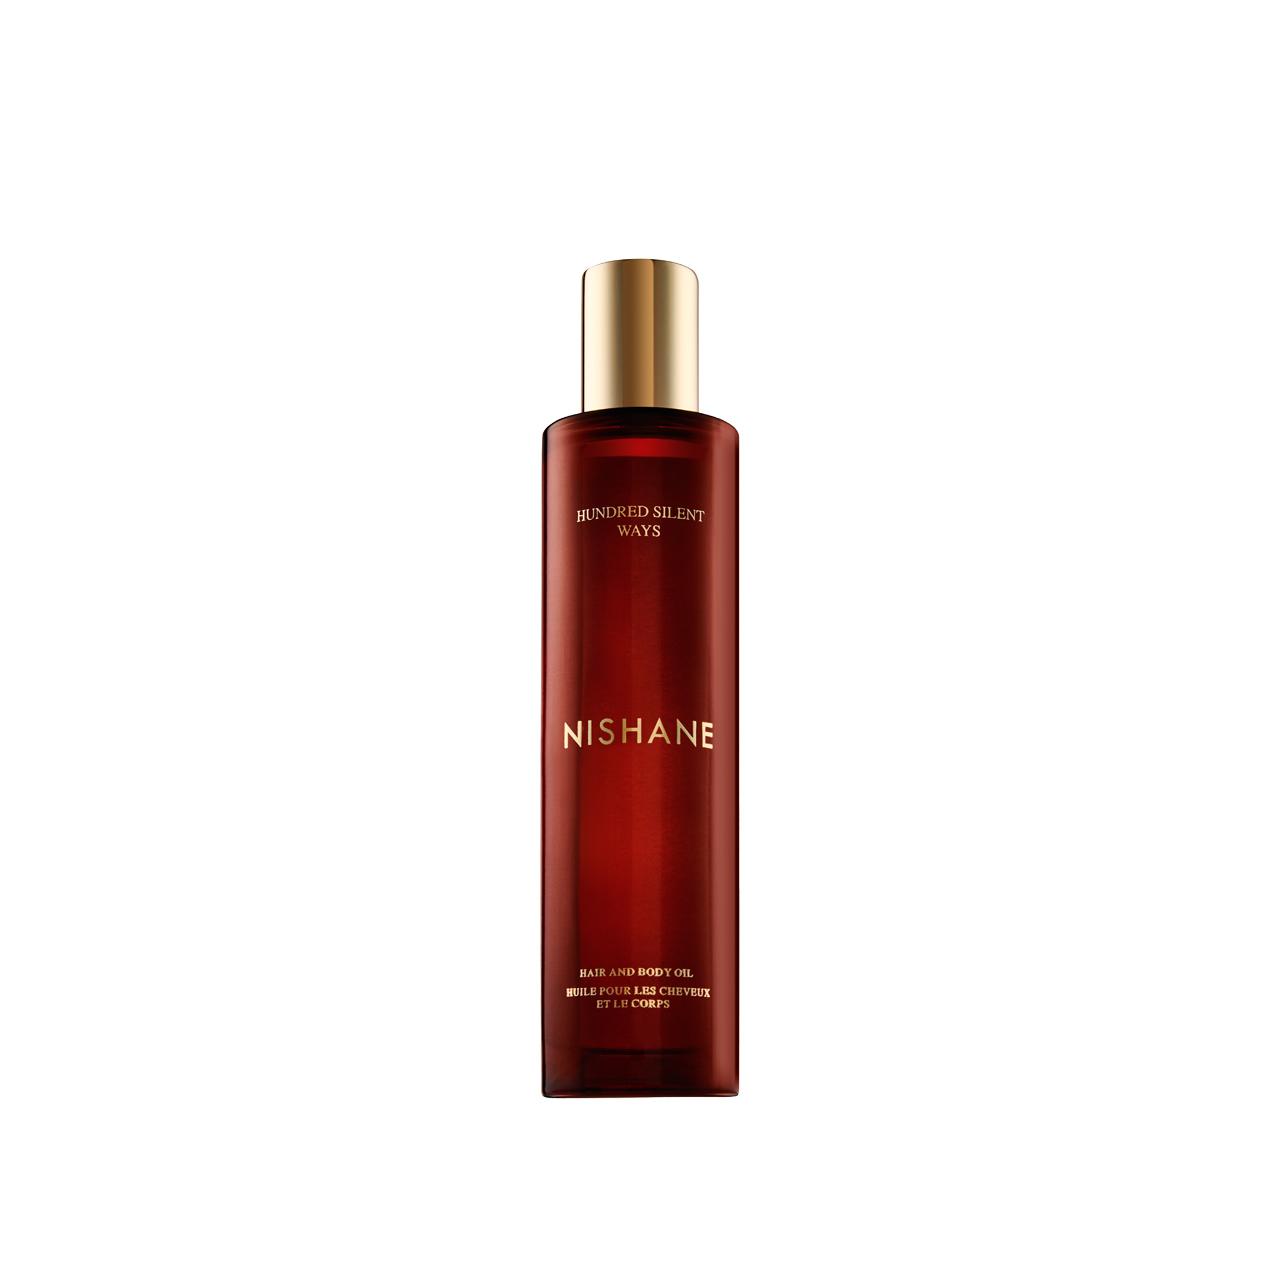 Hundred Silent Ways - Hair & Body Oil